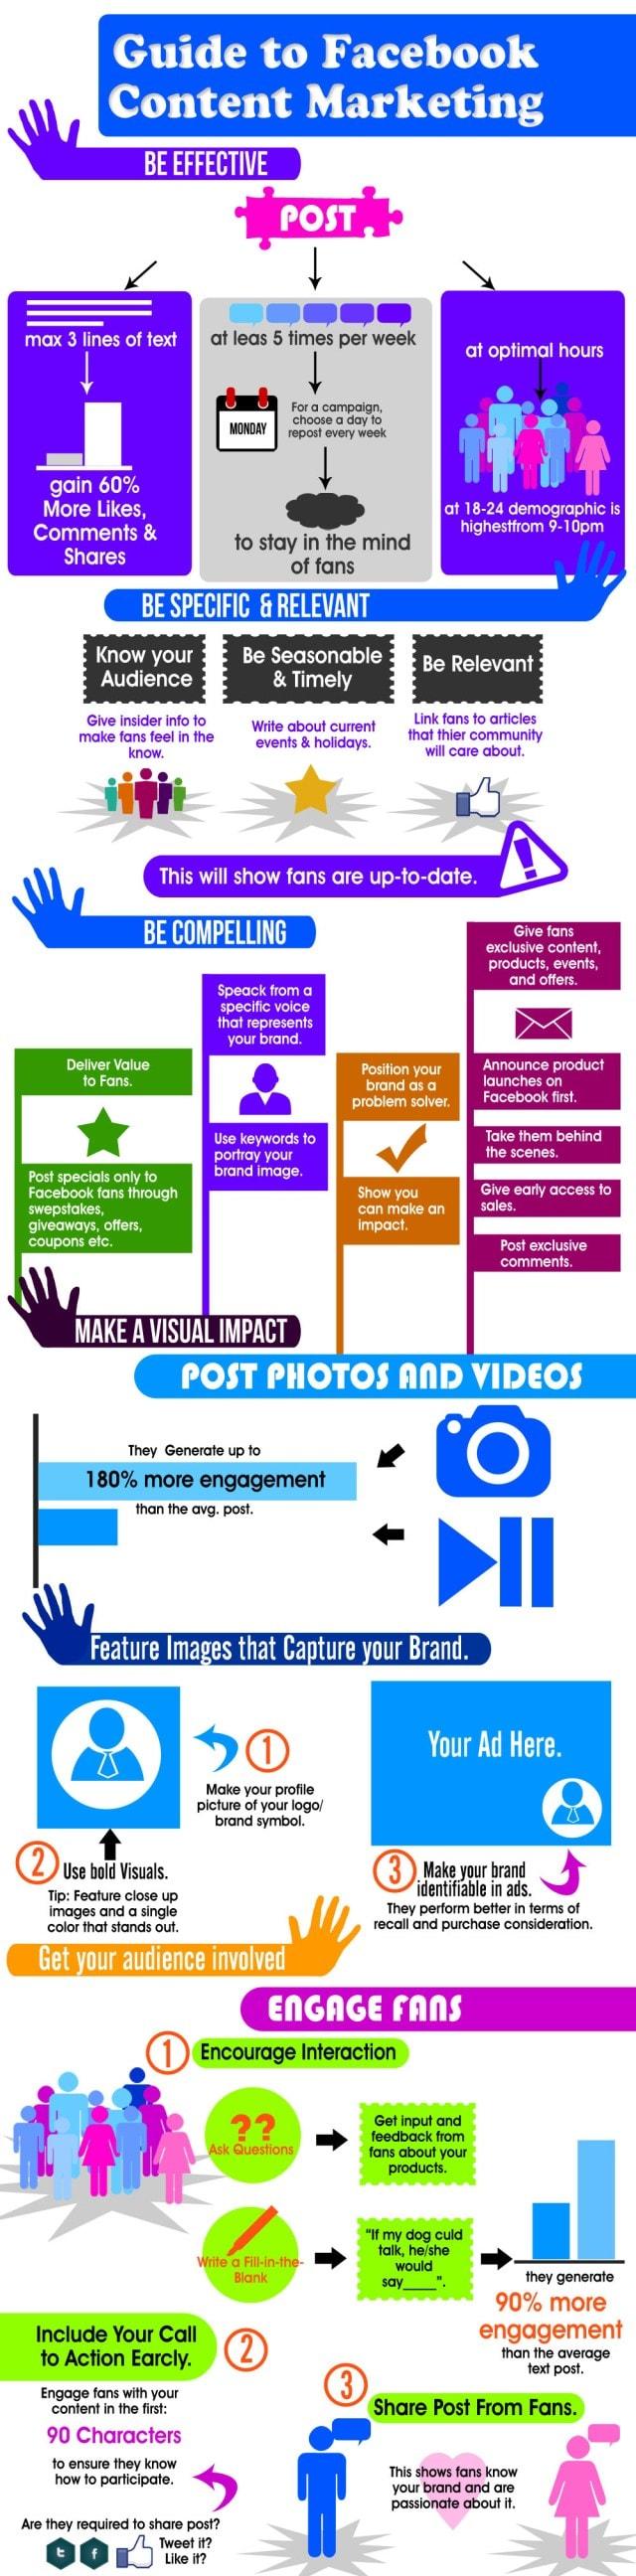 infografia_marketing_contenidos_facebook